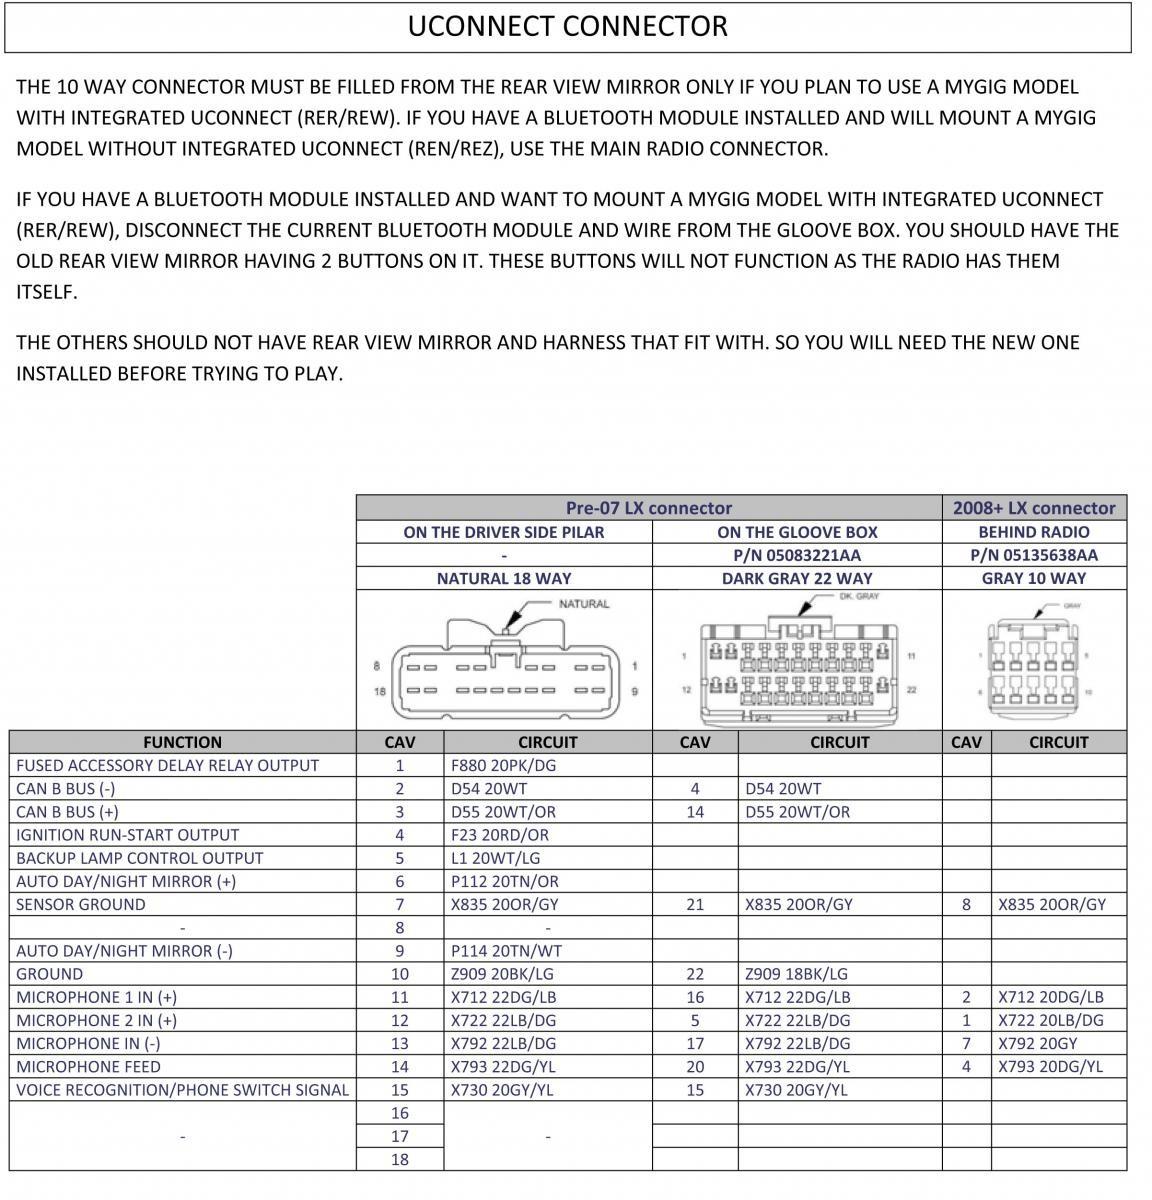 Mygig Wiring Diagram - Wiring Diagram M4 on